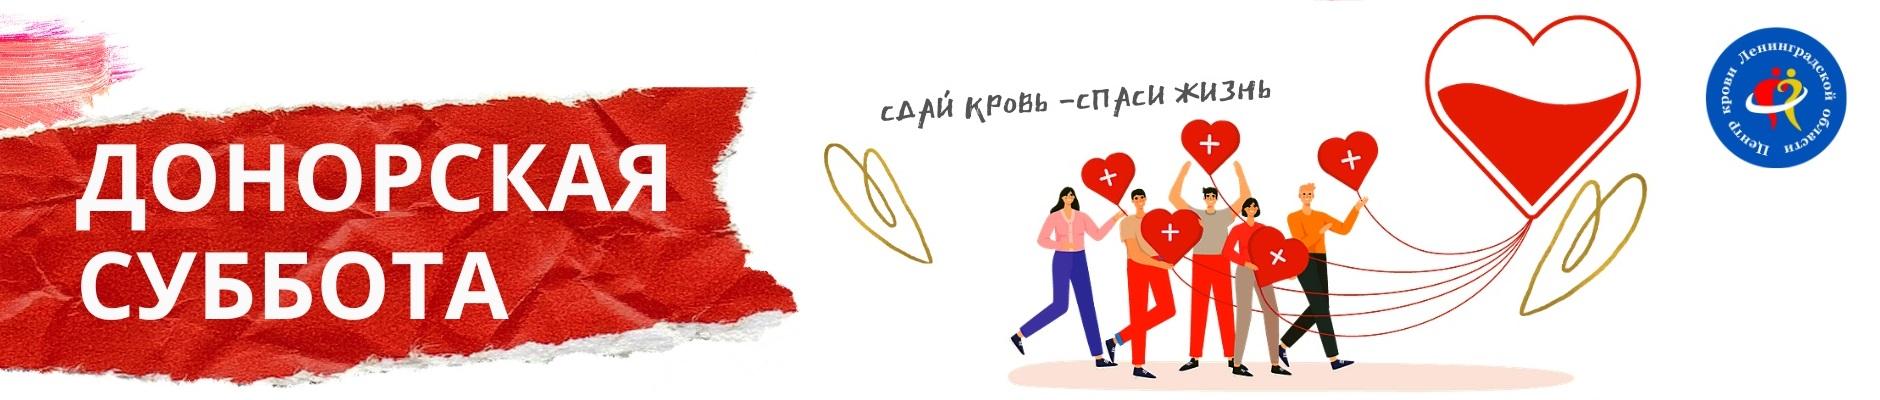 donorskaya_subbota_ban